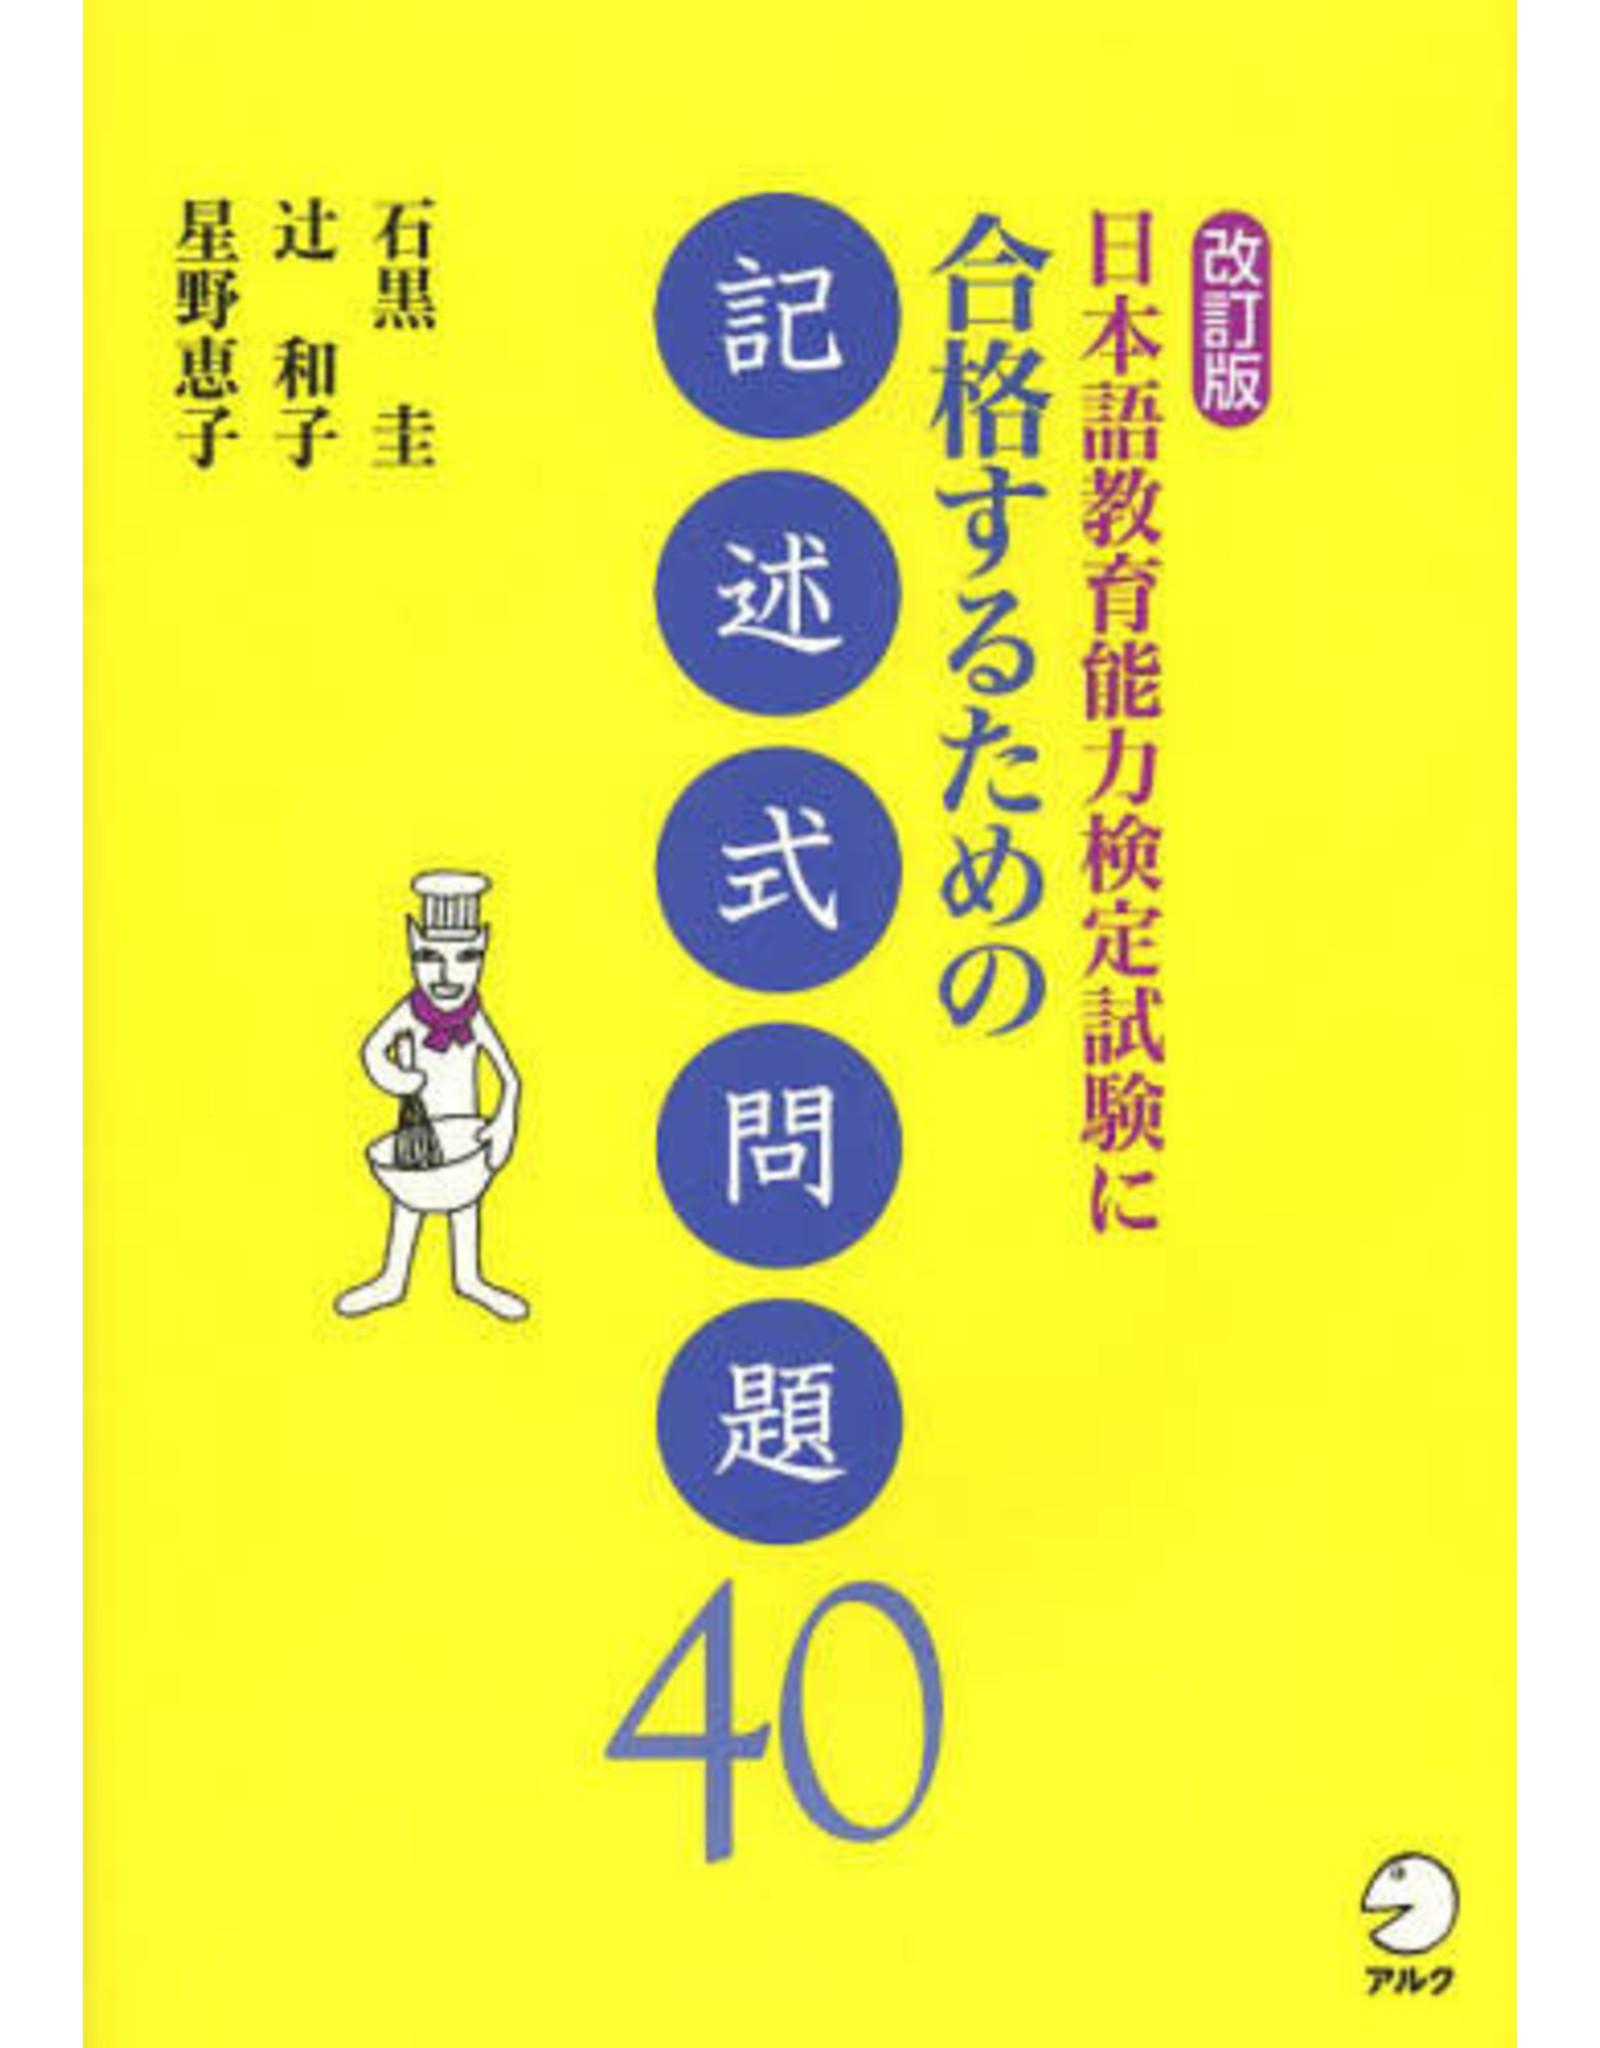 ALC NIHONGO KYOIKU NORYOKU SHIKEN KENTEI SHIKEN NI GOKAKU SURU TAME NO KIJUTSUSIKI MONDAI 40